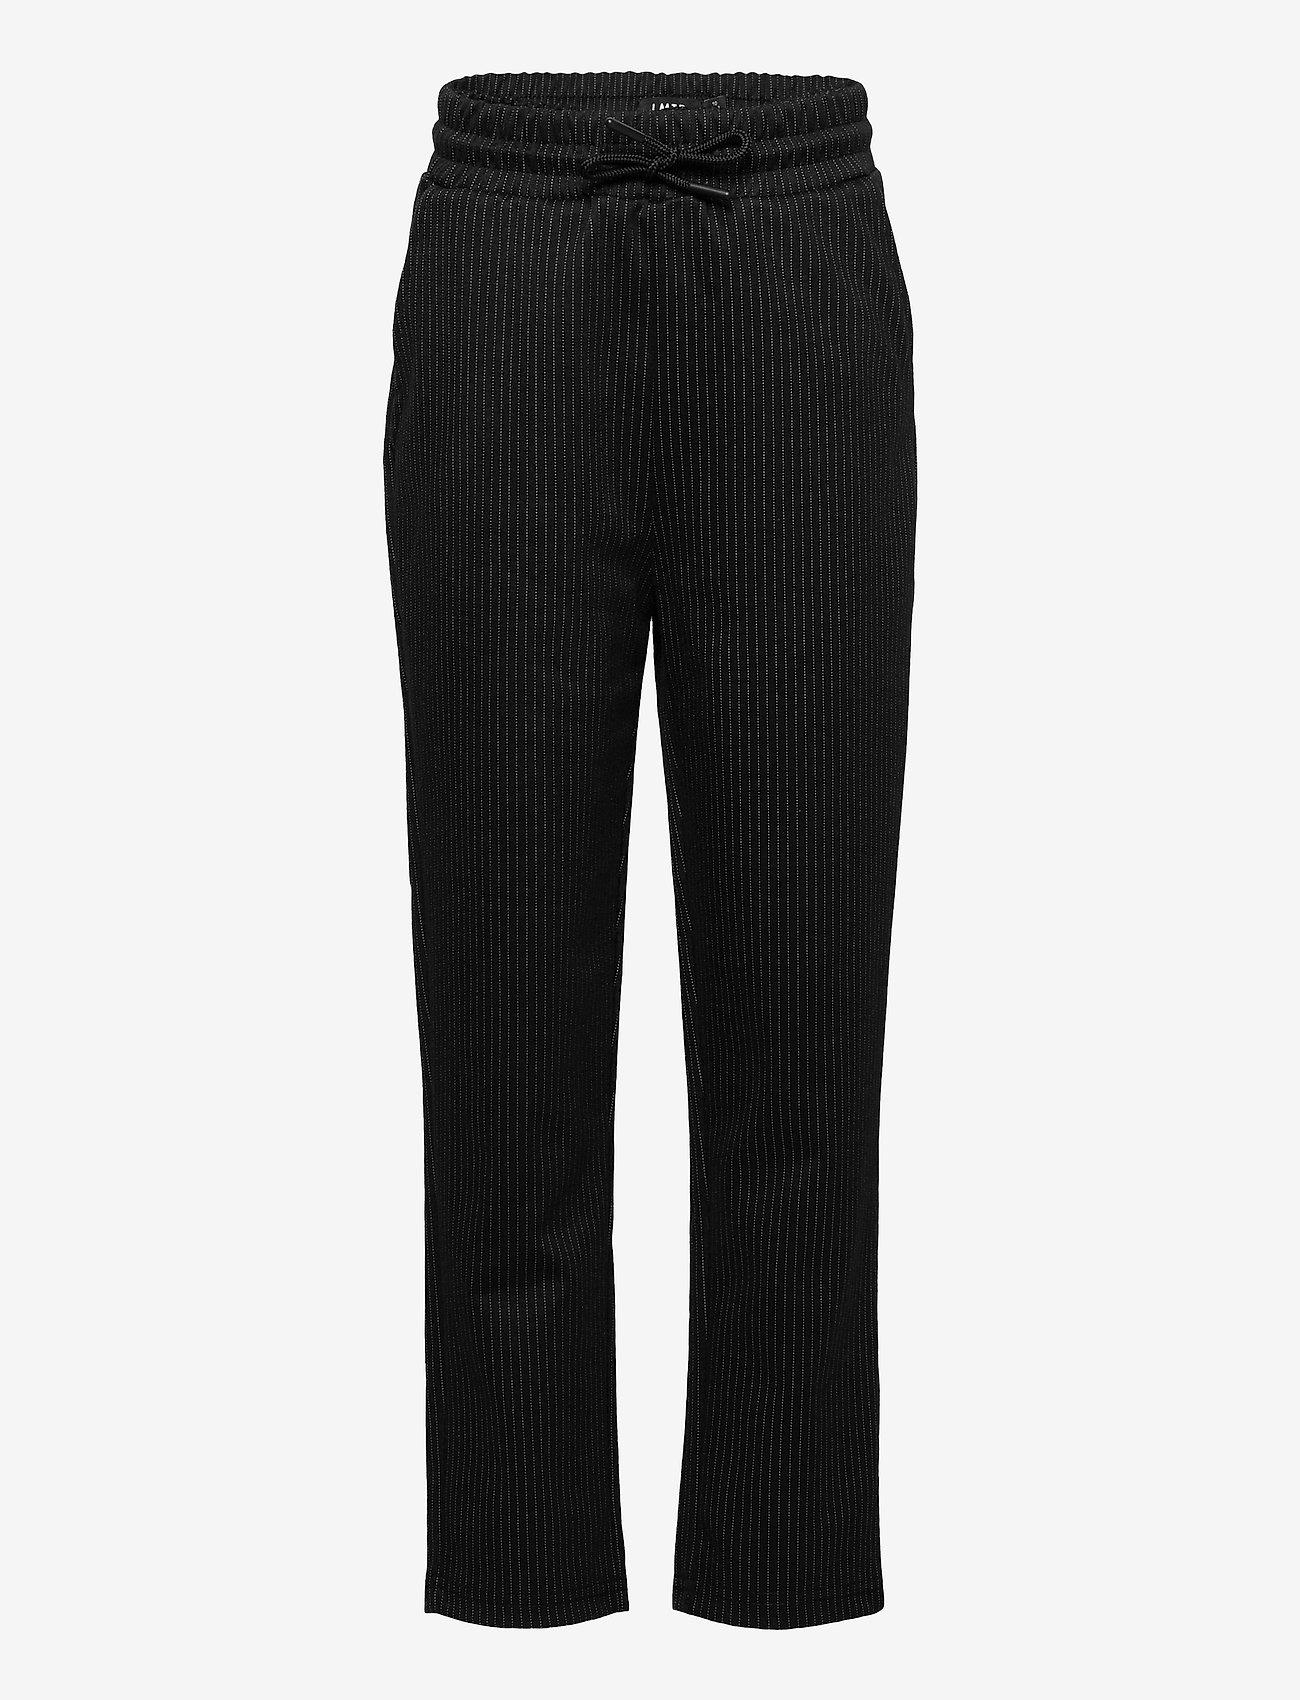 LMTD - NLMTEO REG PANT - trousers - black - 0